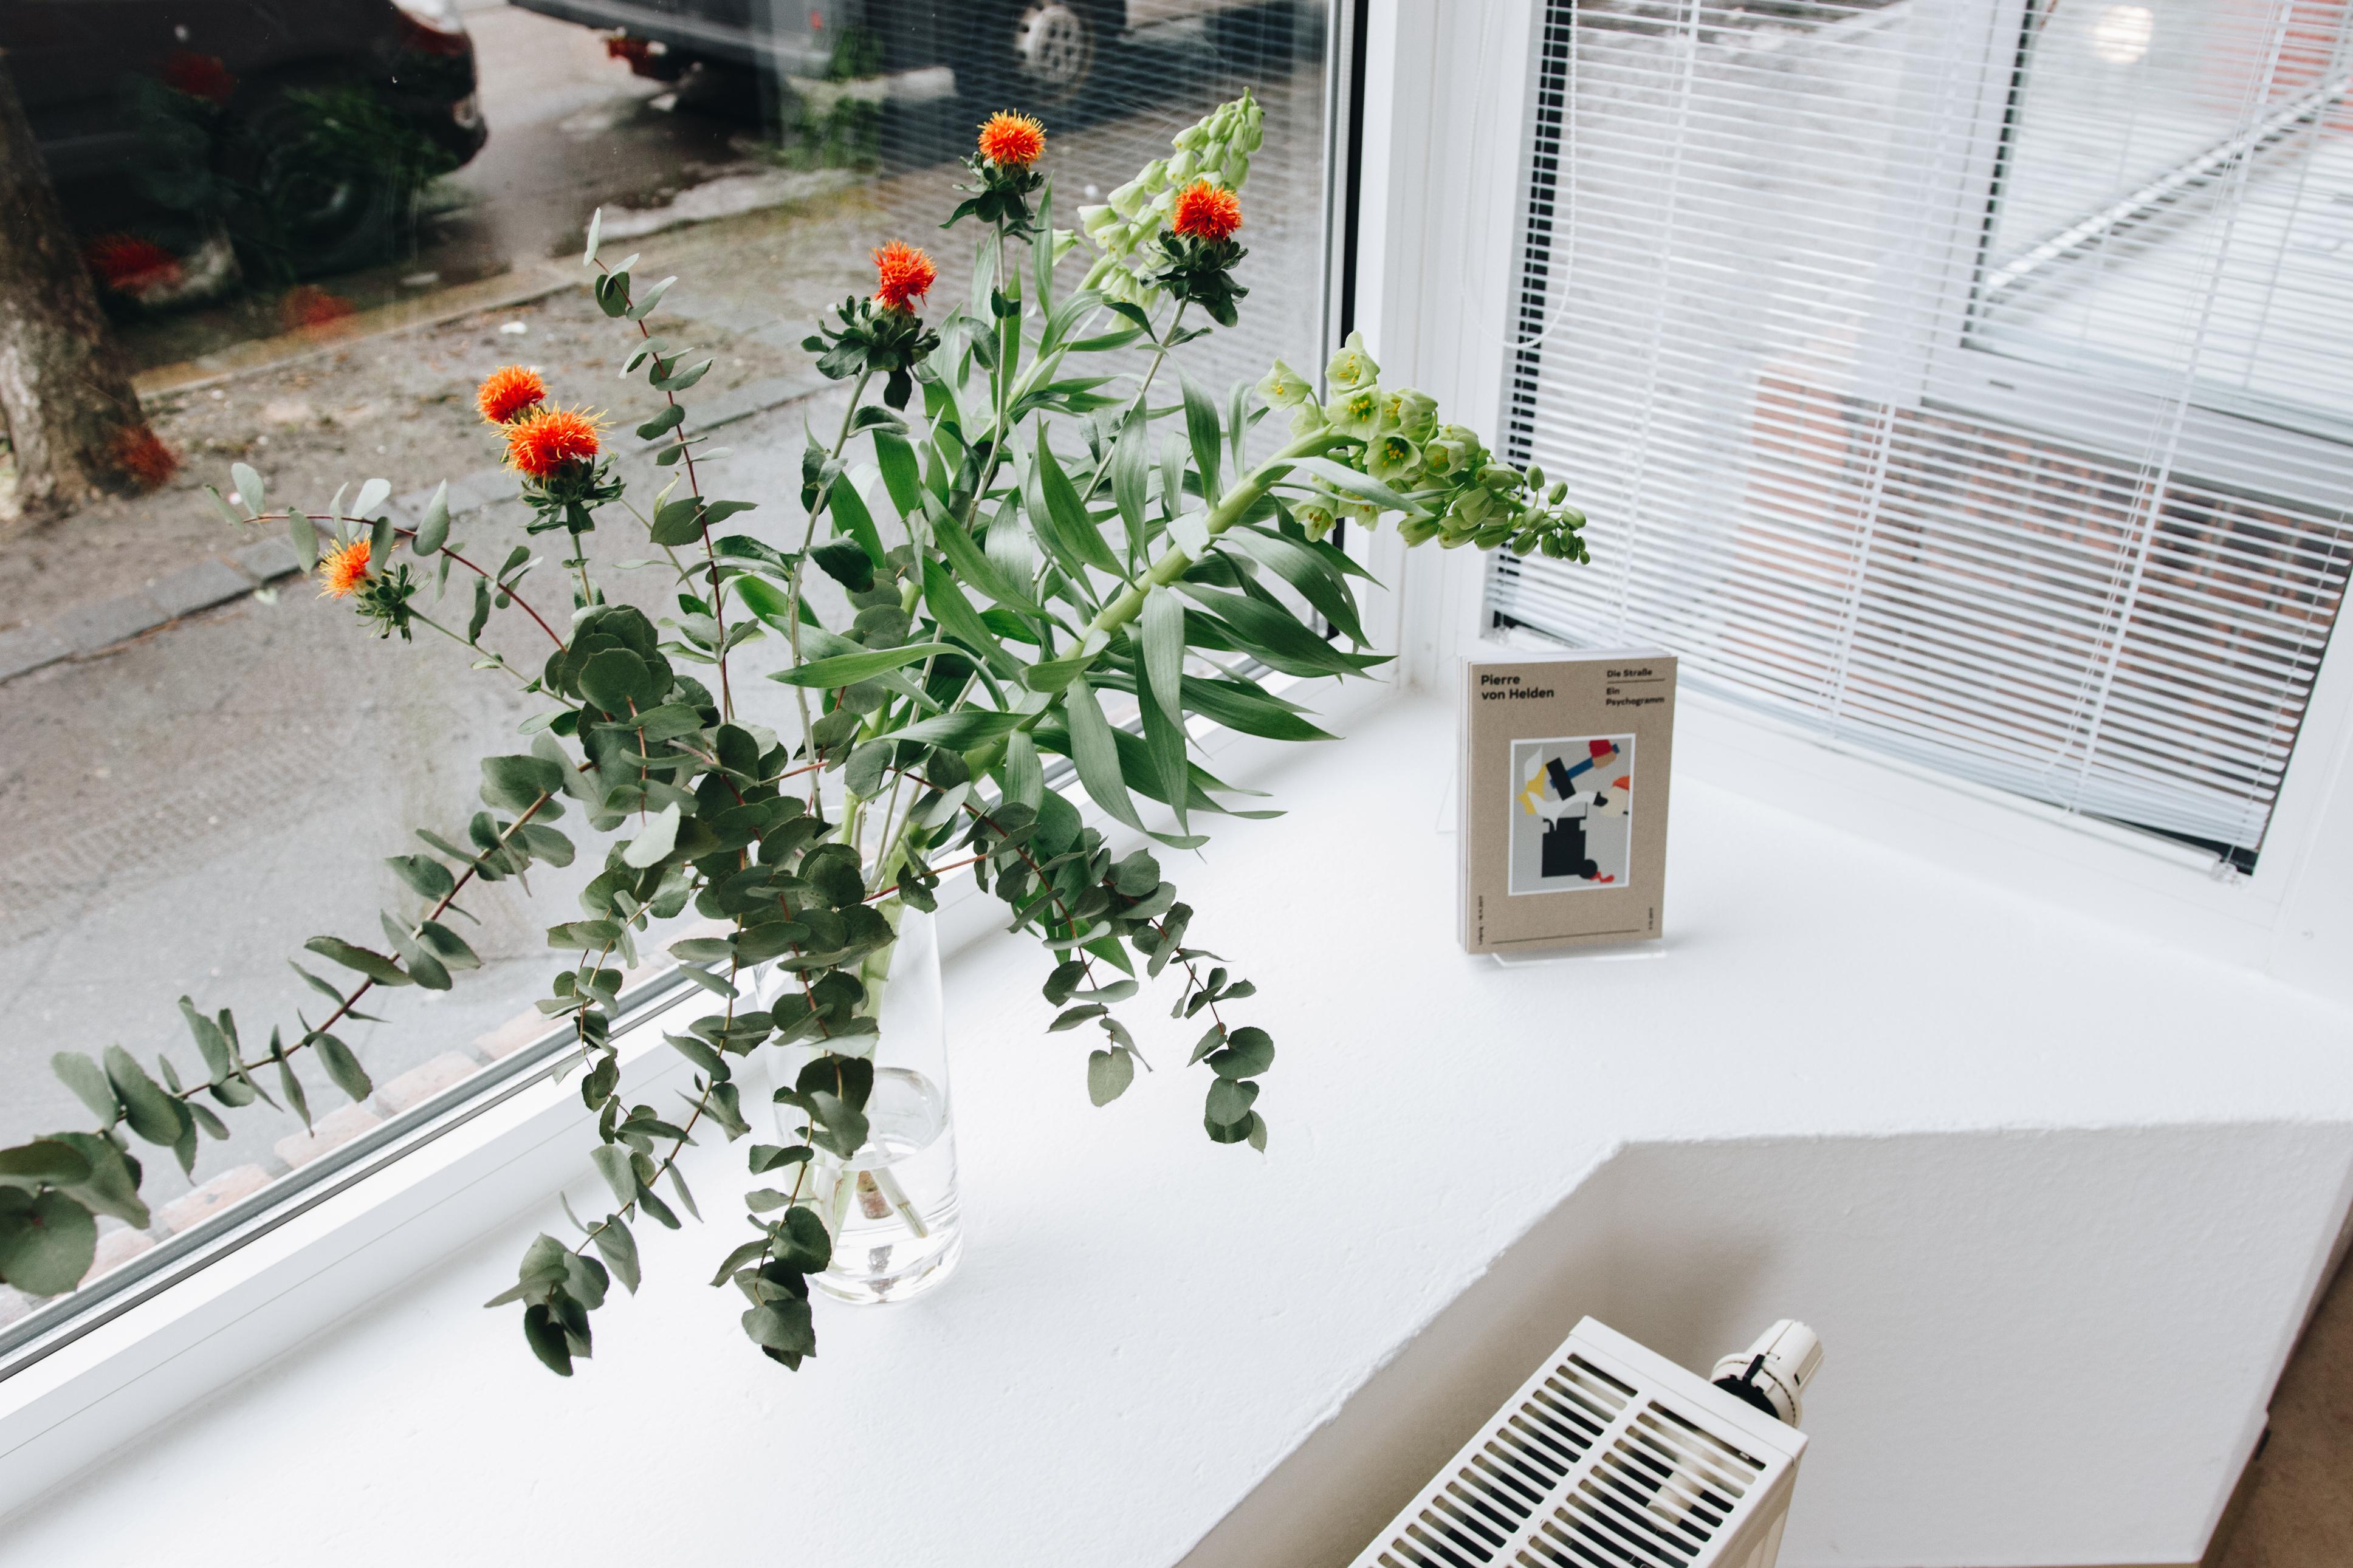 apartment102-annabelle sagt-mindt design studio-yoga-pierre von helden-leipzig7